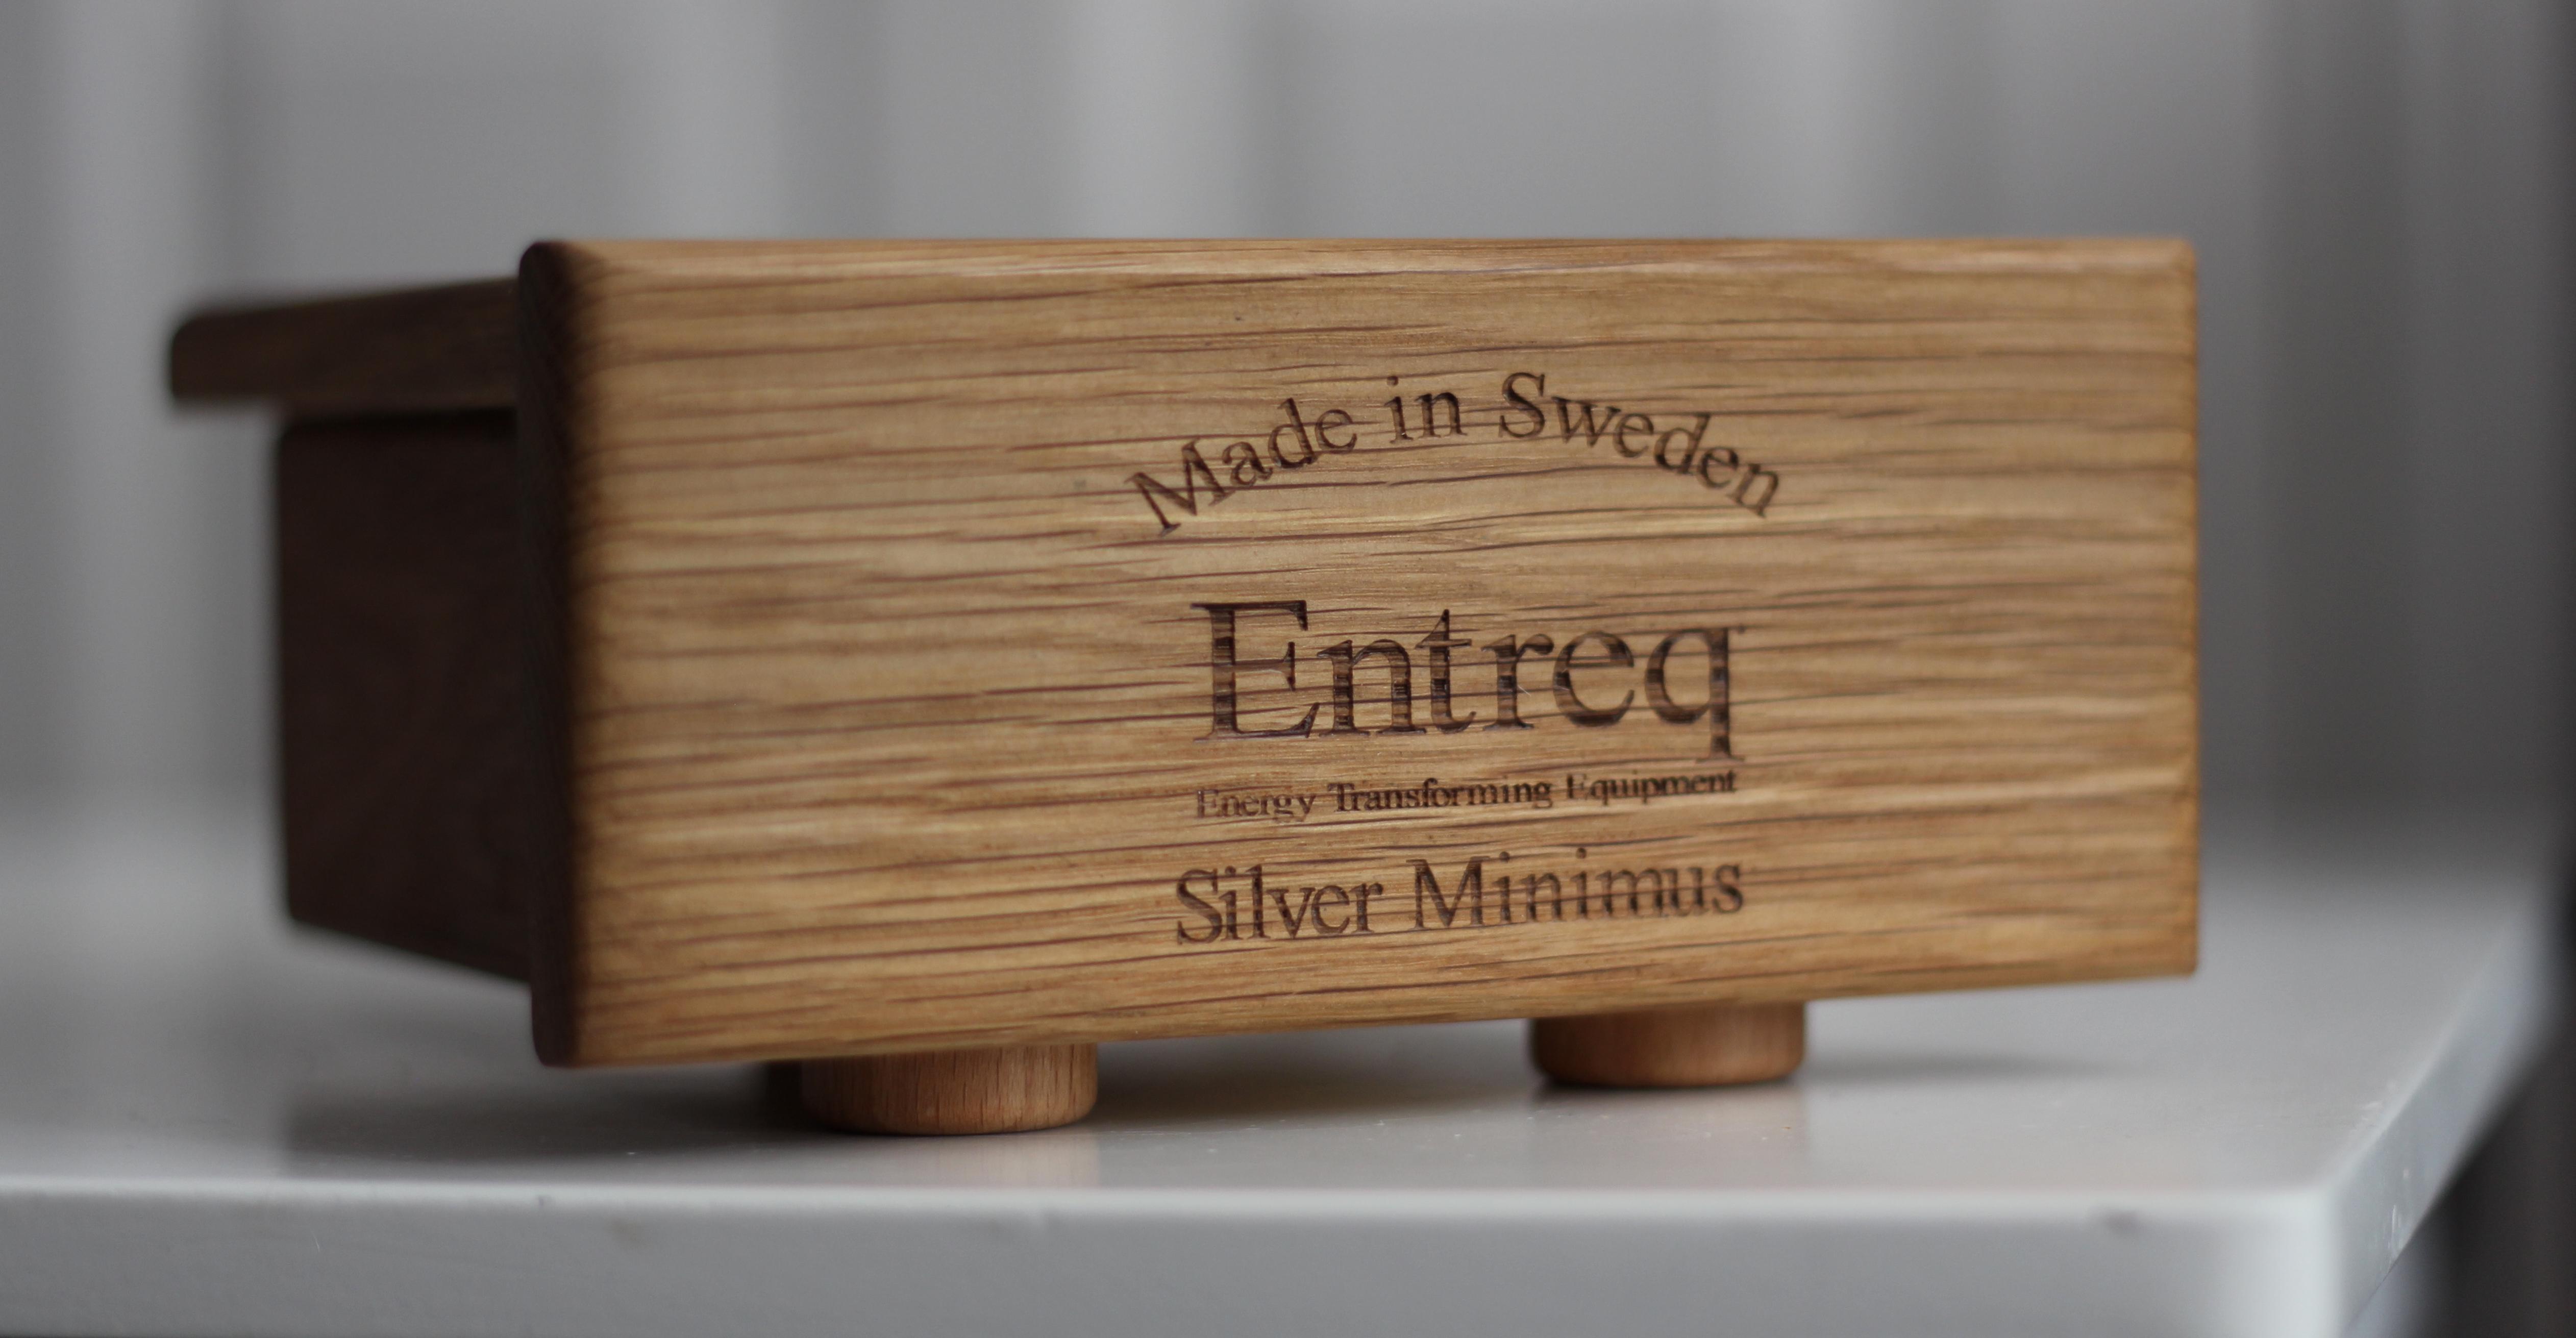 Entreq Silver Minimus @ Audio Therapy